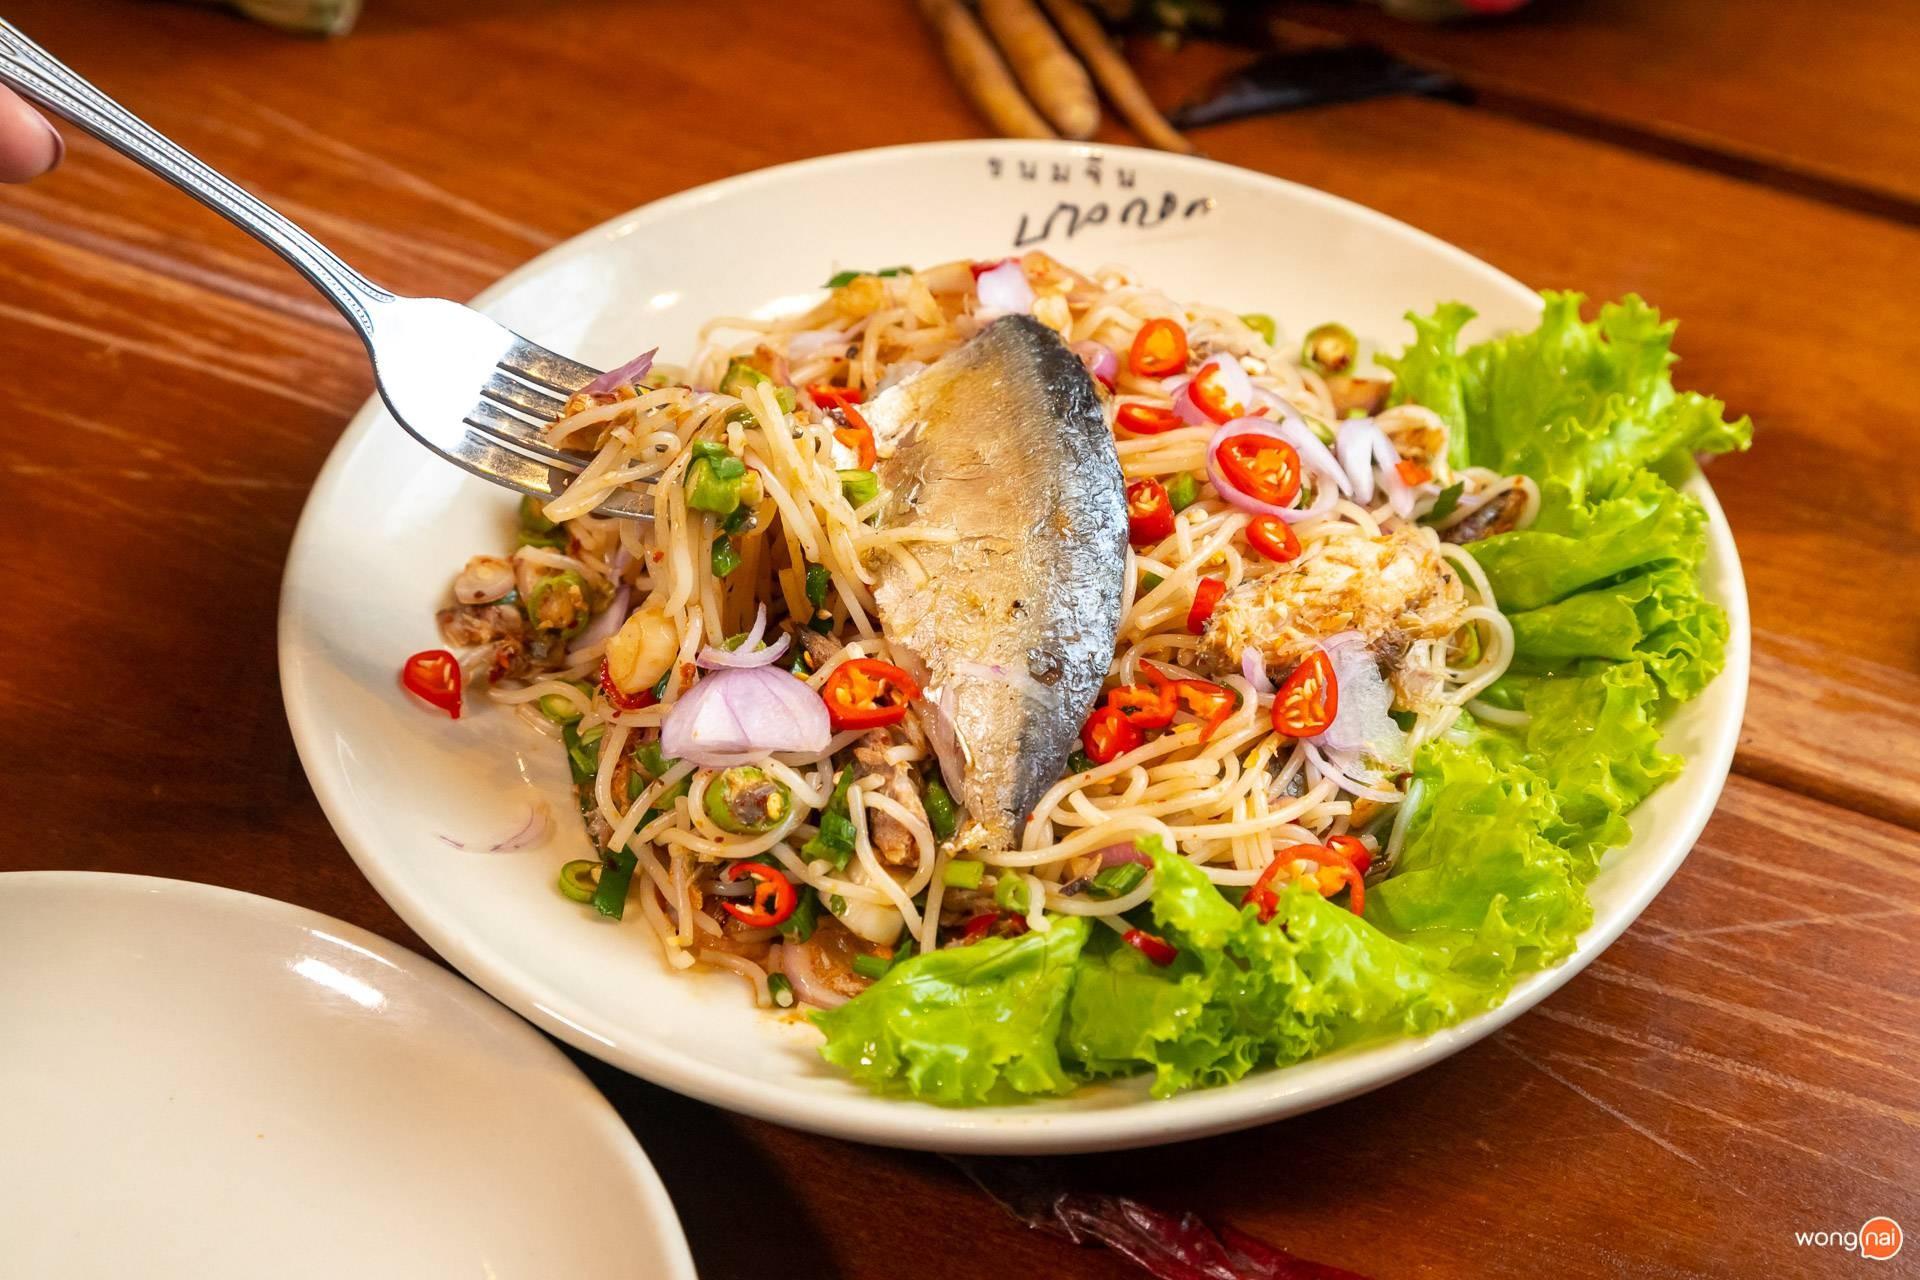 เมนู ยำขนมจีนน้ำปลาทู ของร้าน ขนมจีนบางกอก